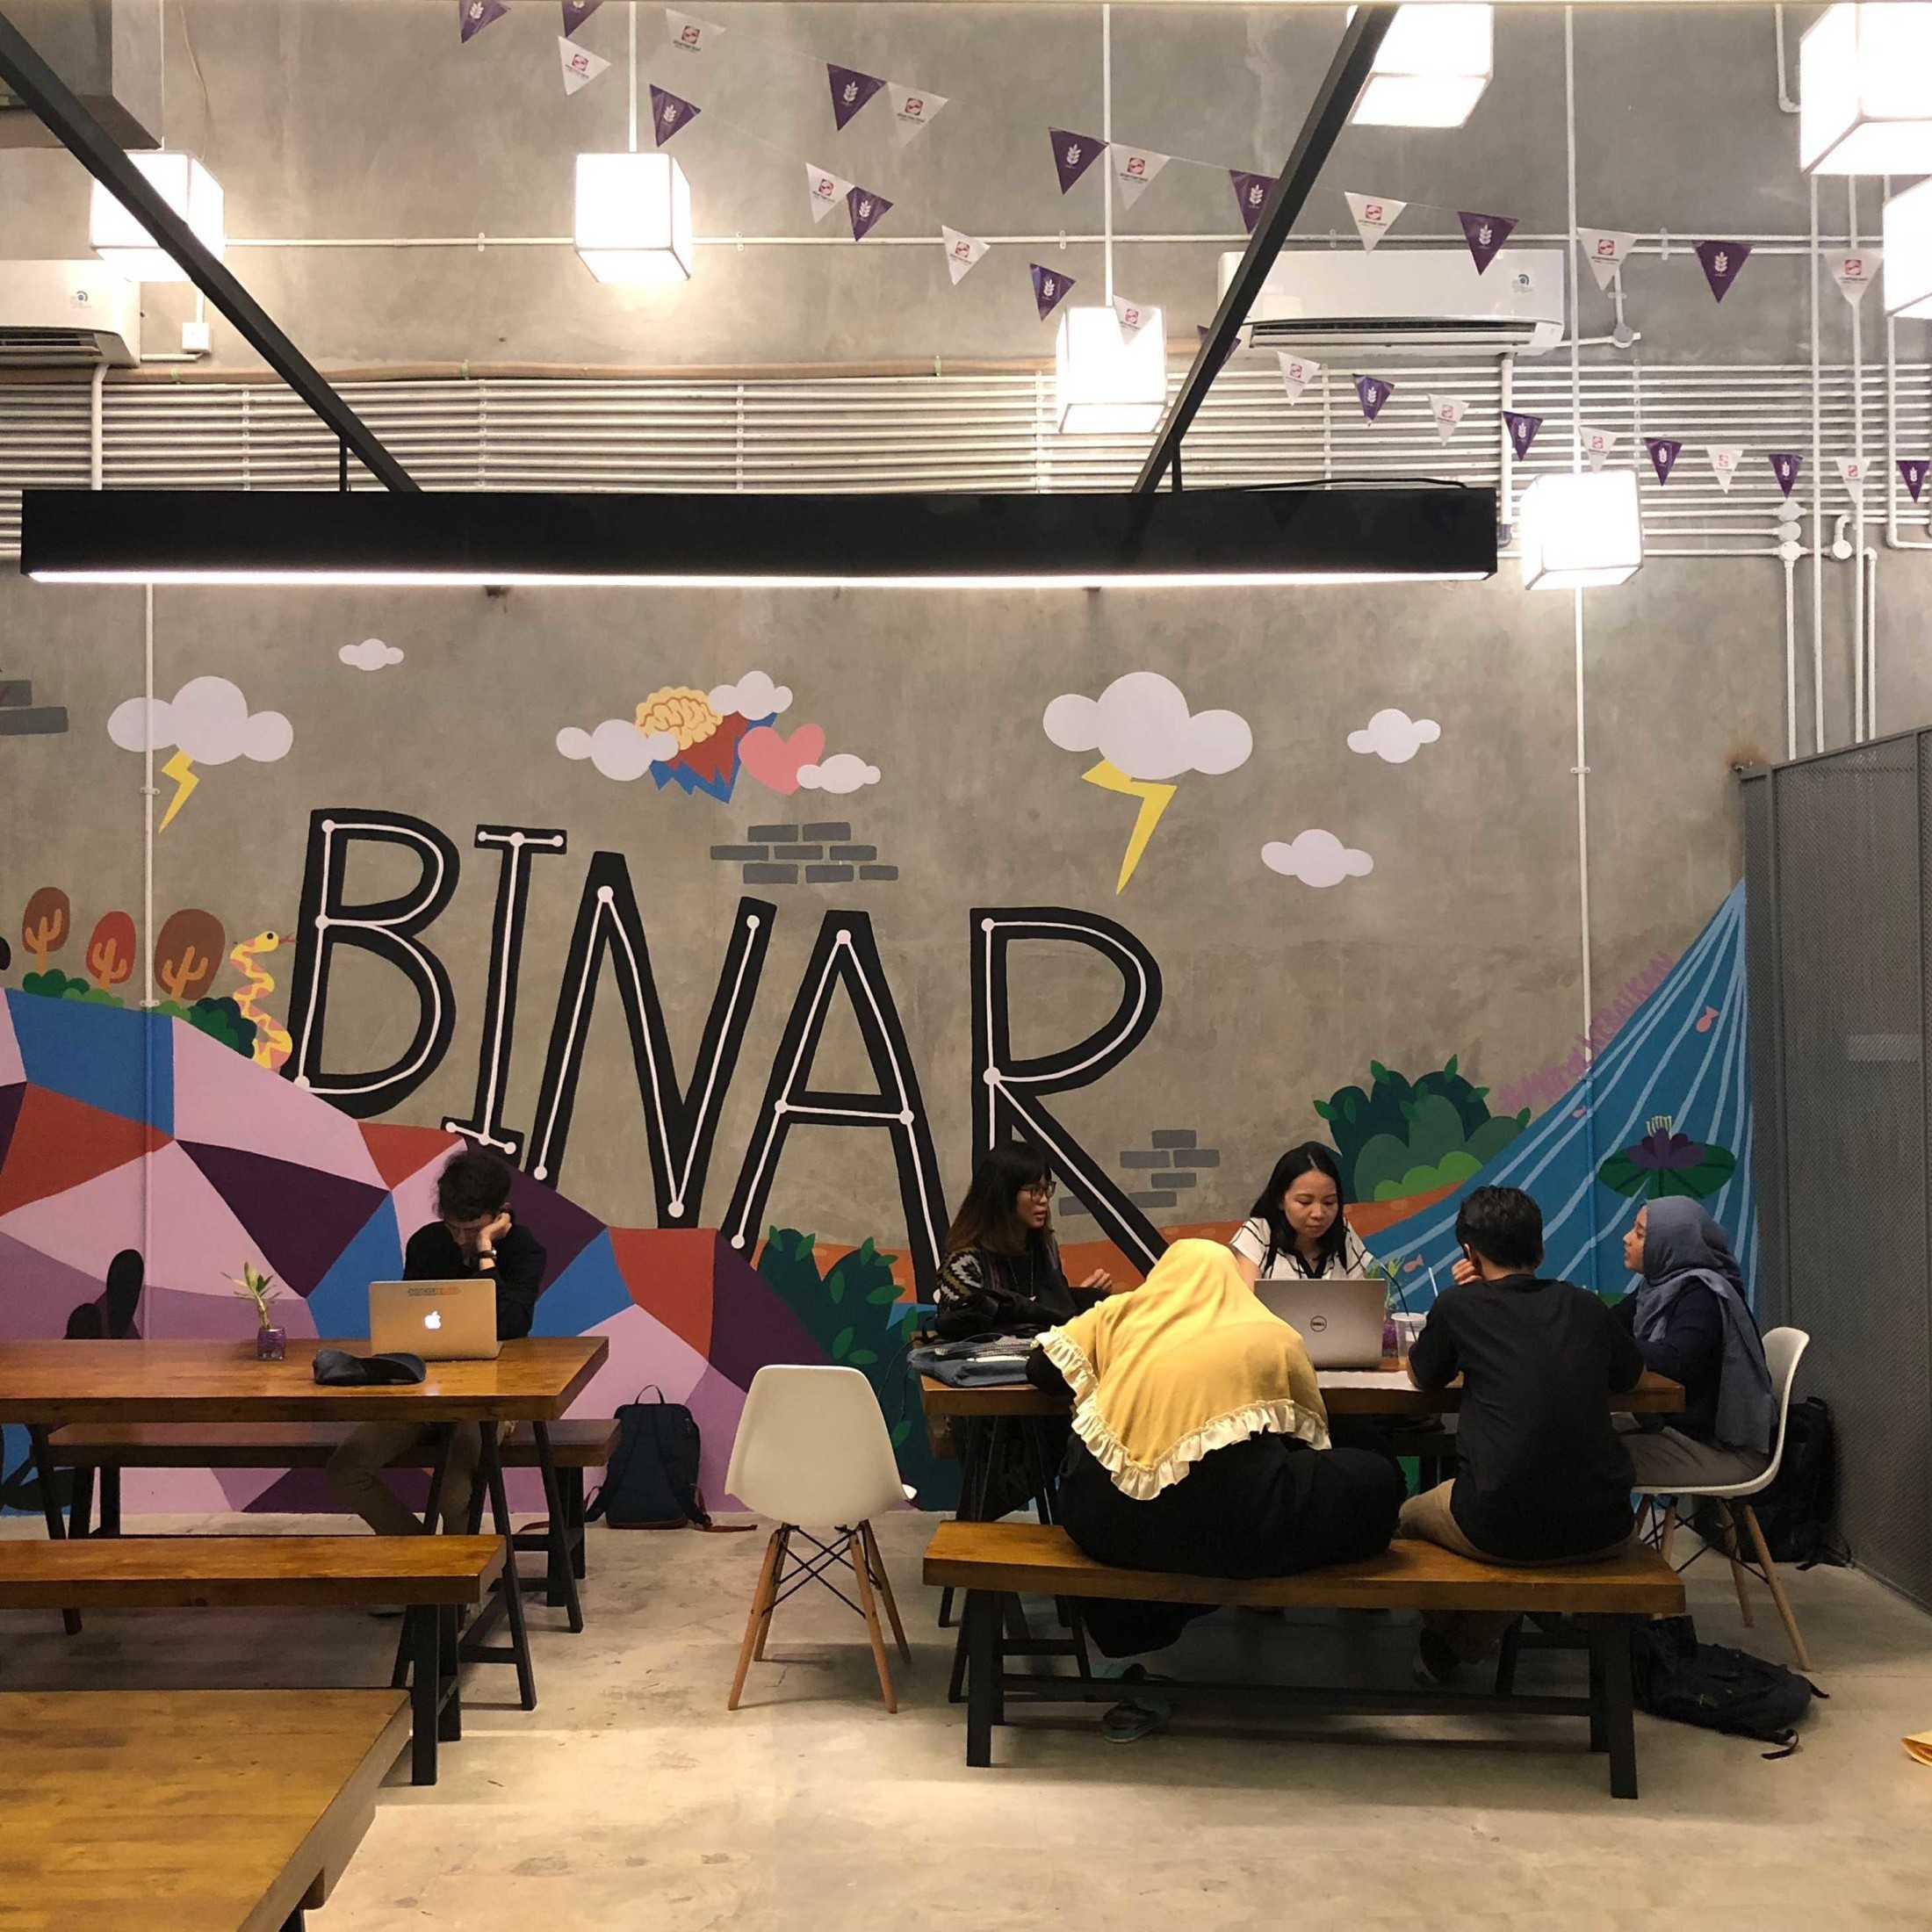 D4 Binar Hq Bsd Green Office Park, Jl. Bsd Grand Boulevard, Sampora, Bsd, Tangerang, Banten 15345, Indonesia Bsd Green Office Park, Jl. Bsd Grand Boulevard, Sampora, Bsd, Tangerang, Banten 15345, Indonesia D4-Binar-Hq  108594